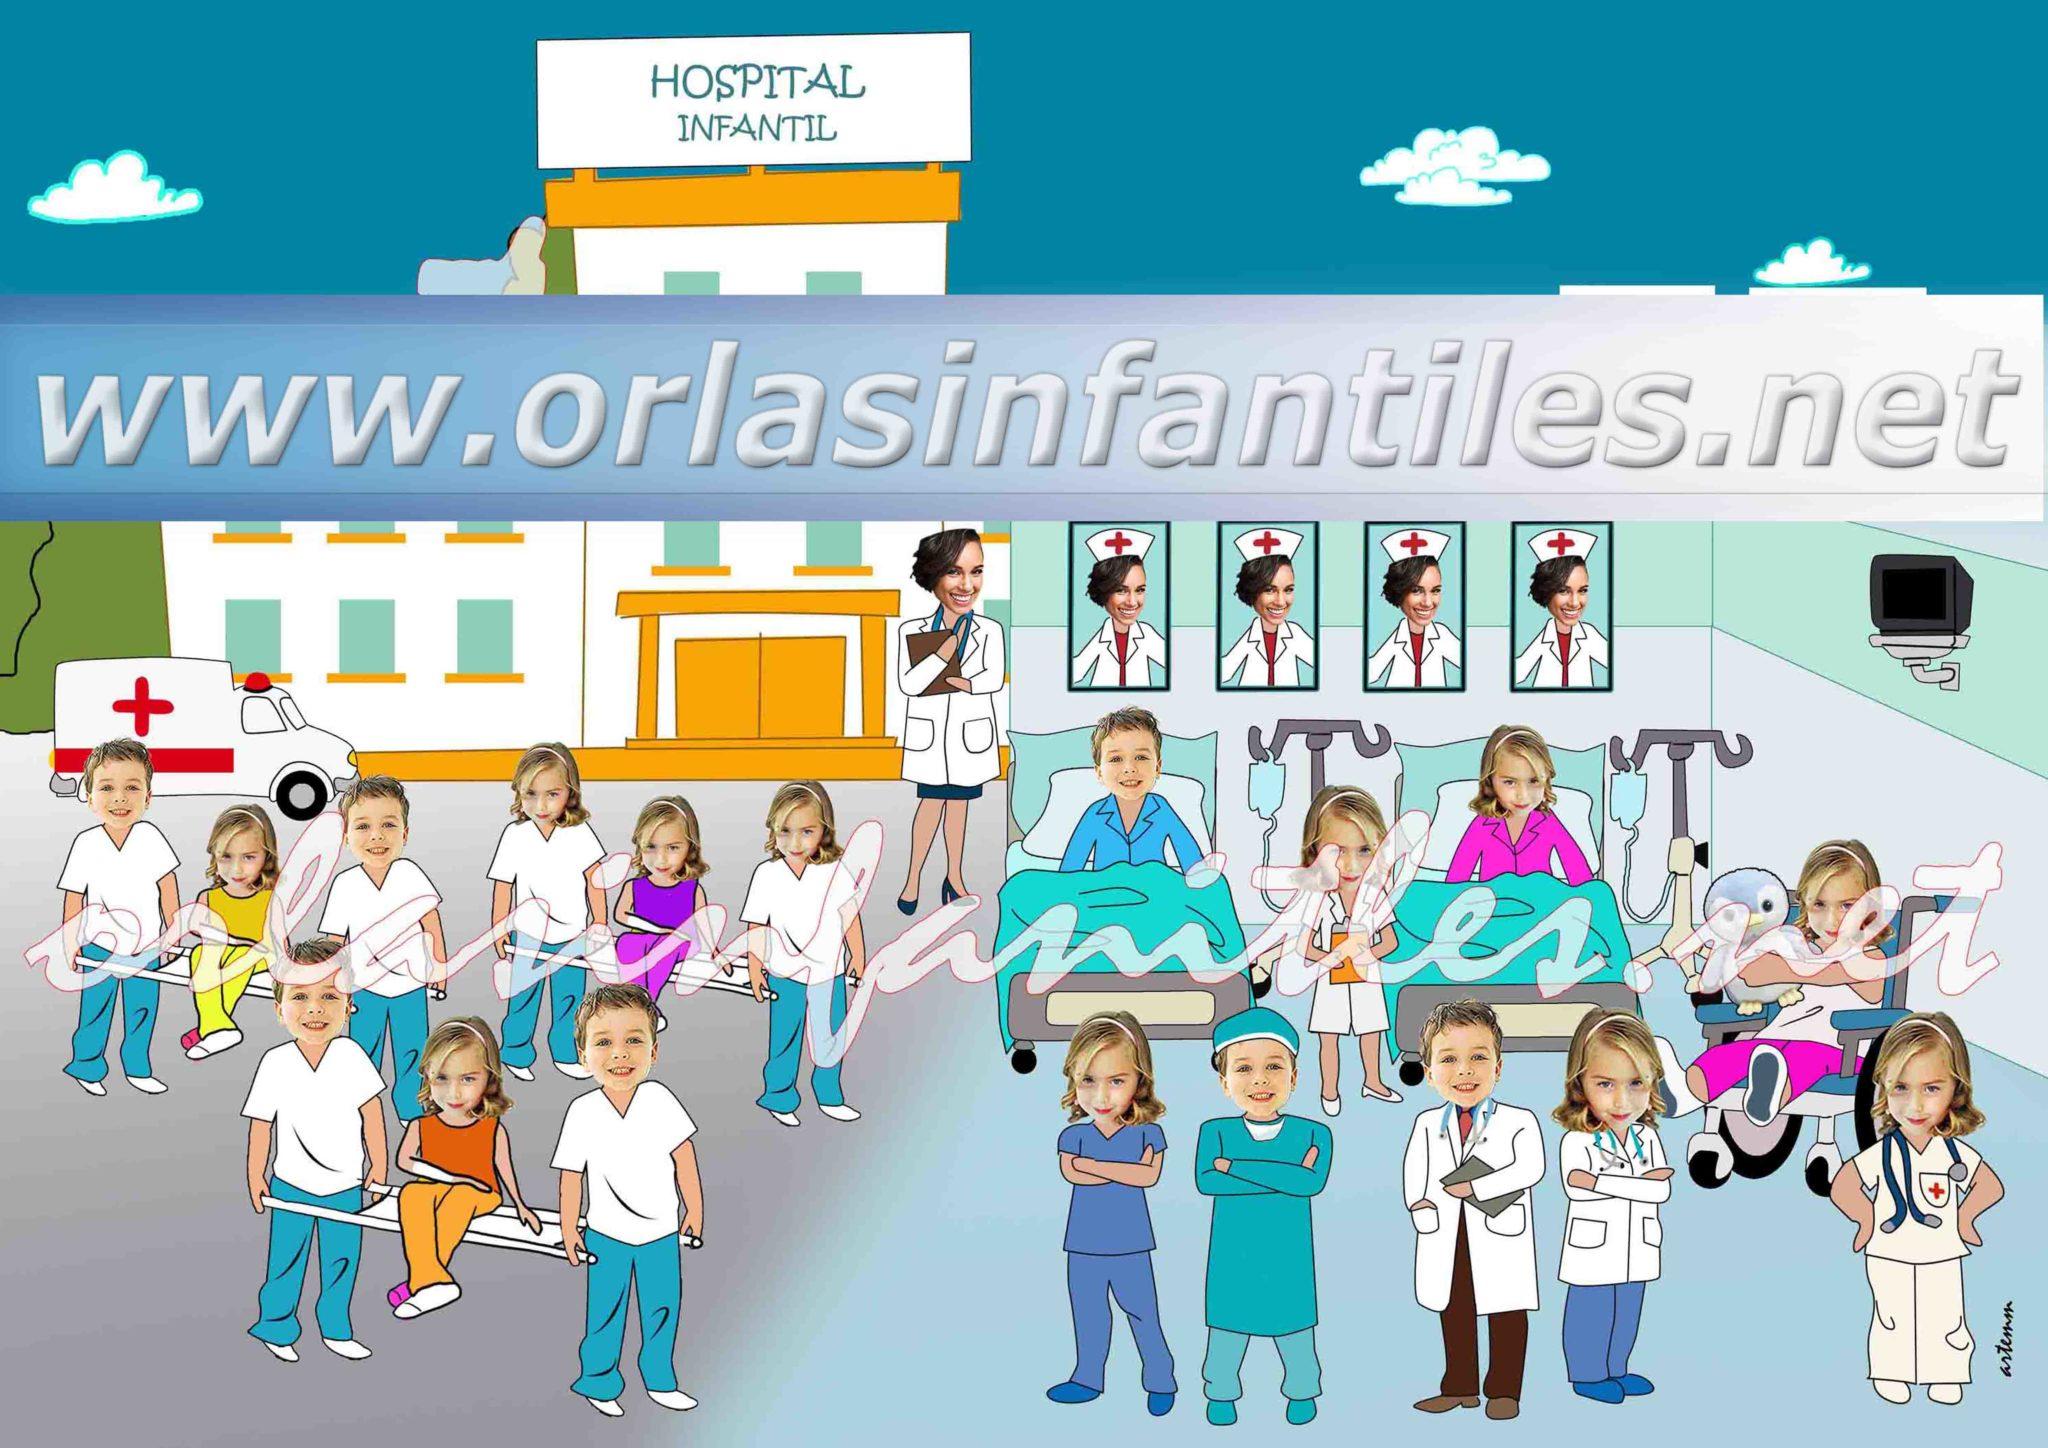 ORLA HOSPITAL INFANTIL